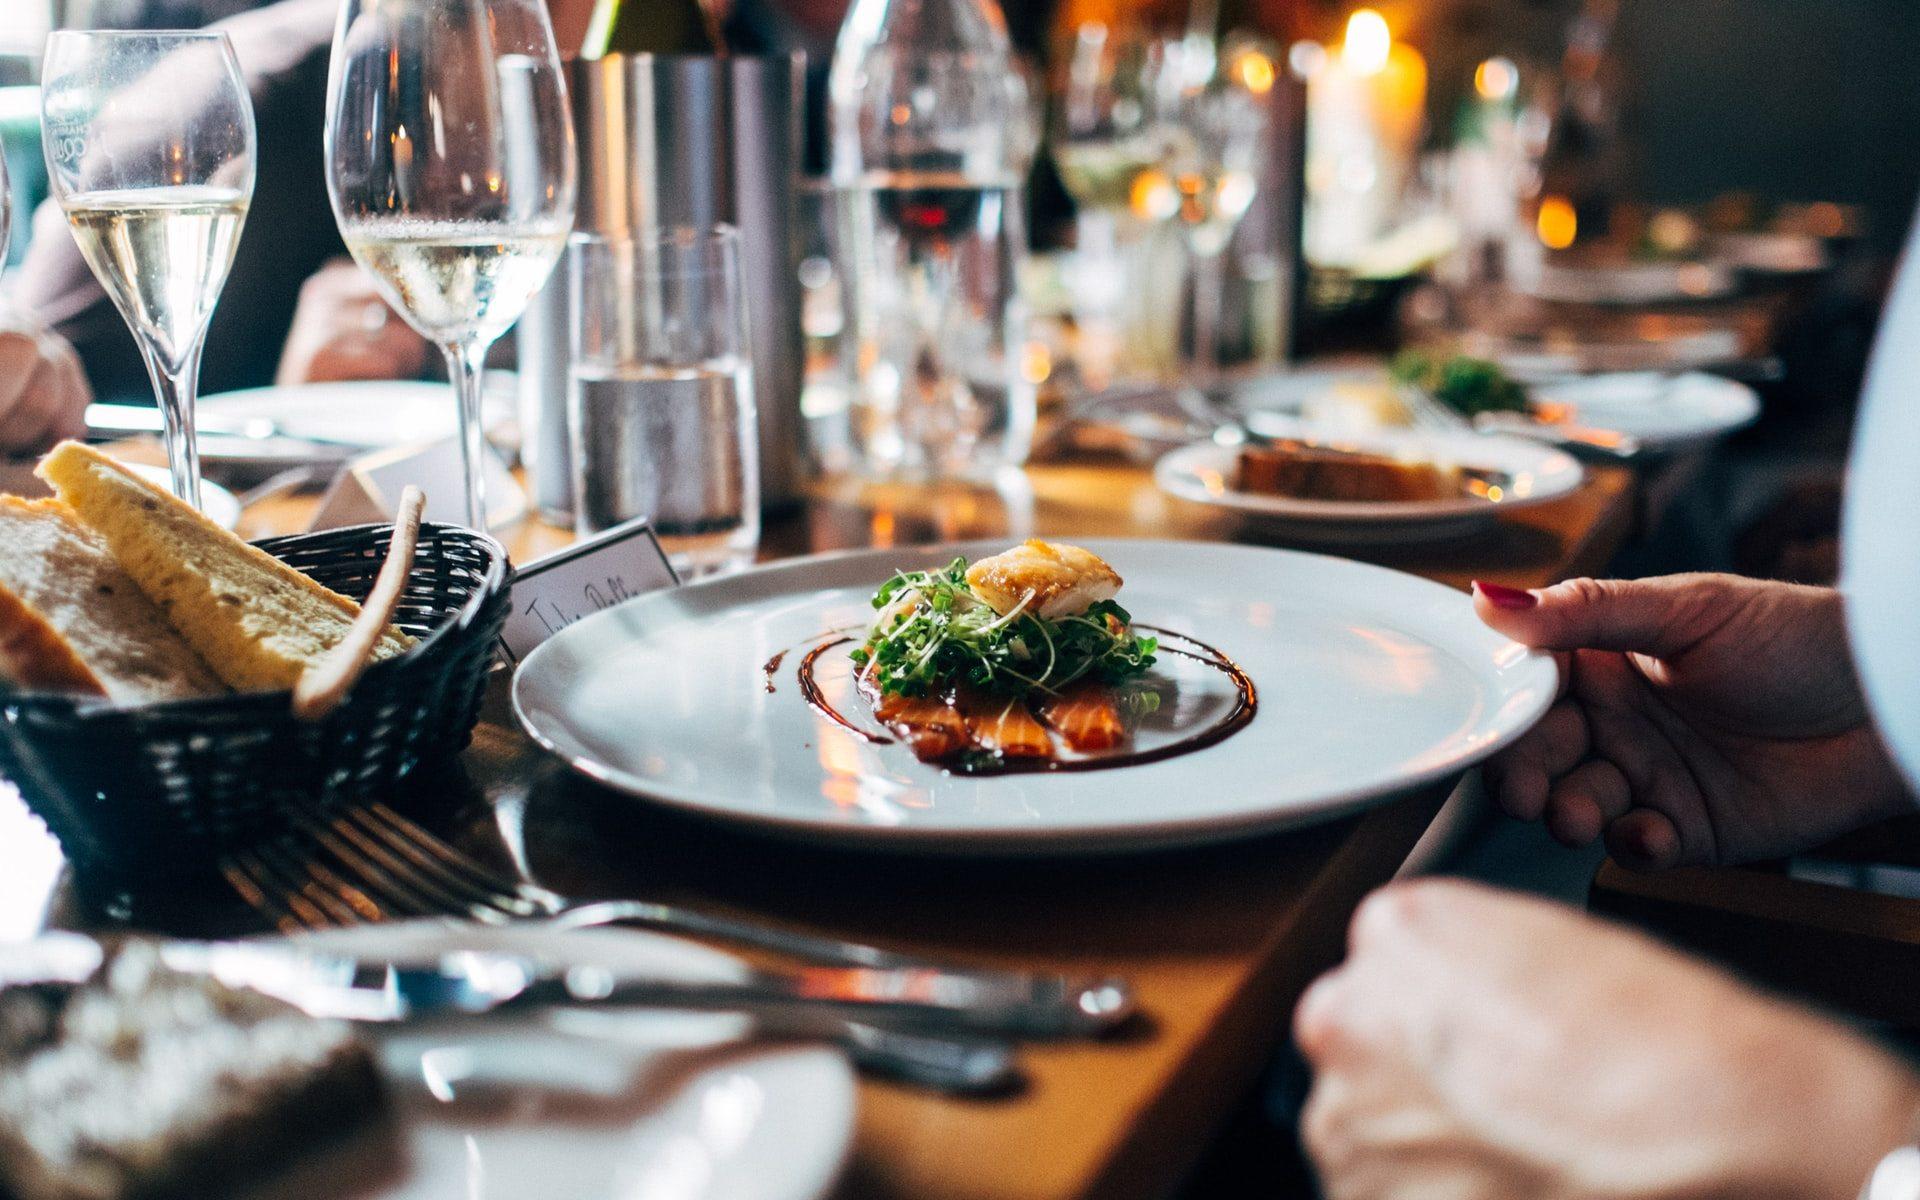 Comment réduire le gaspillage alimentaire dans votre restaurant ?